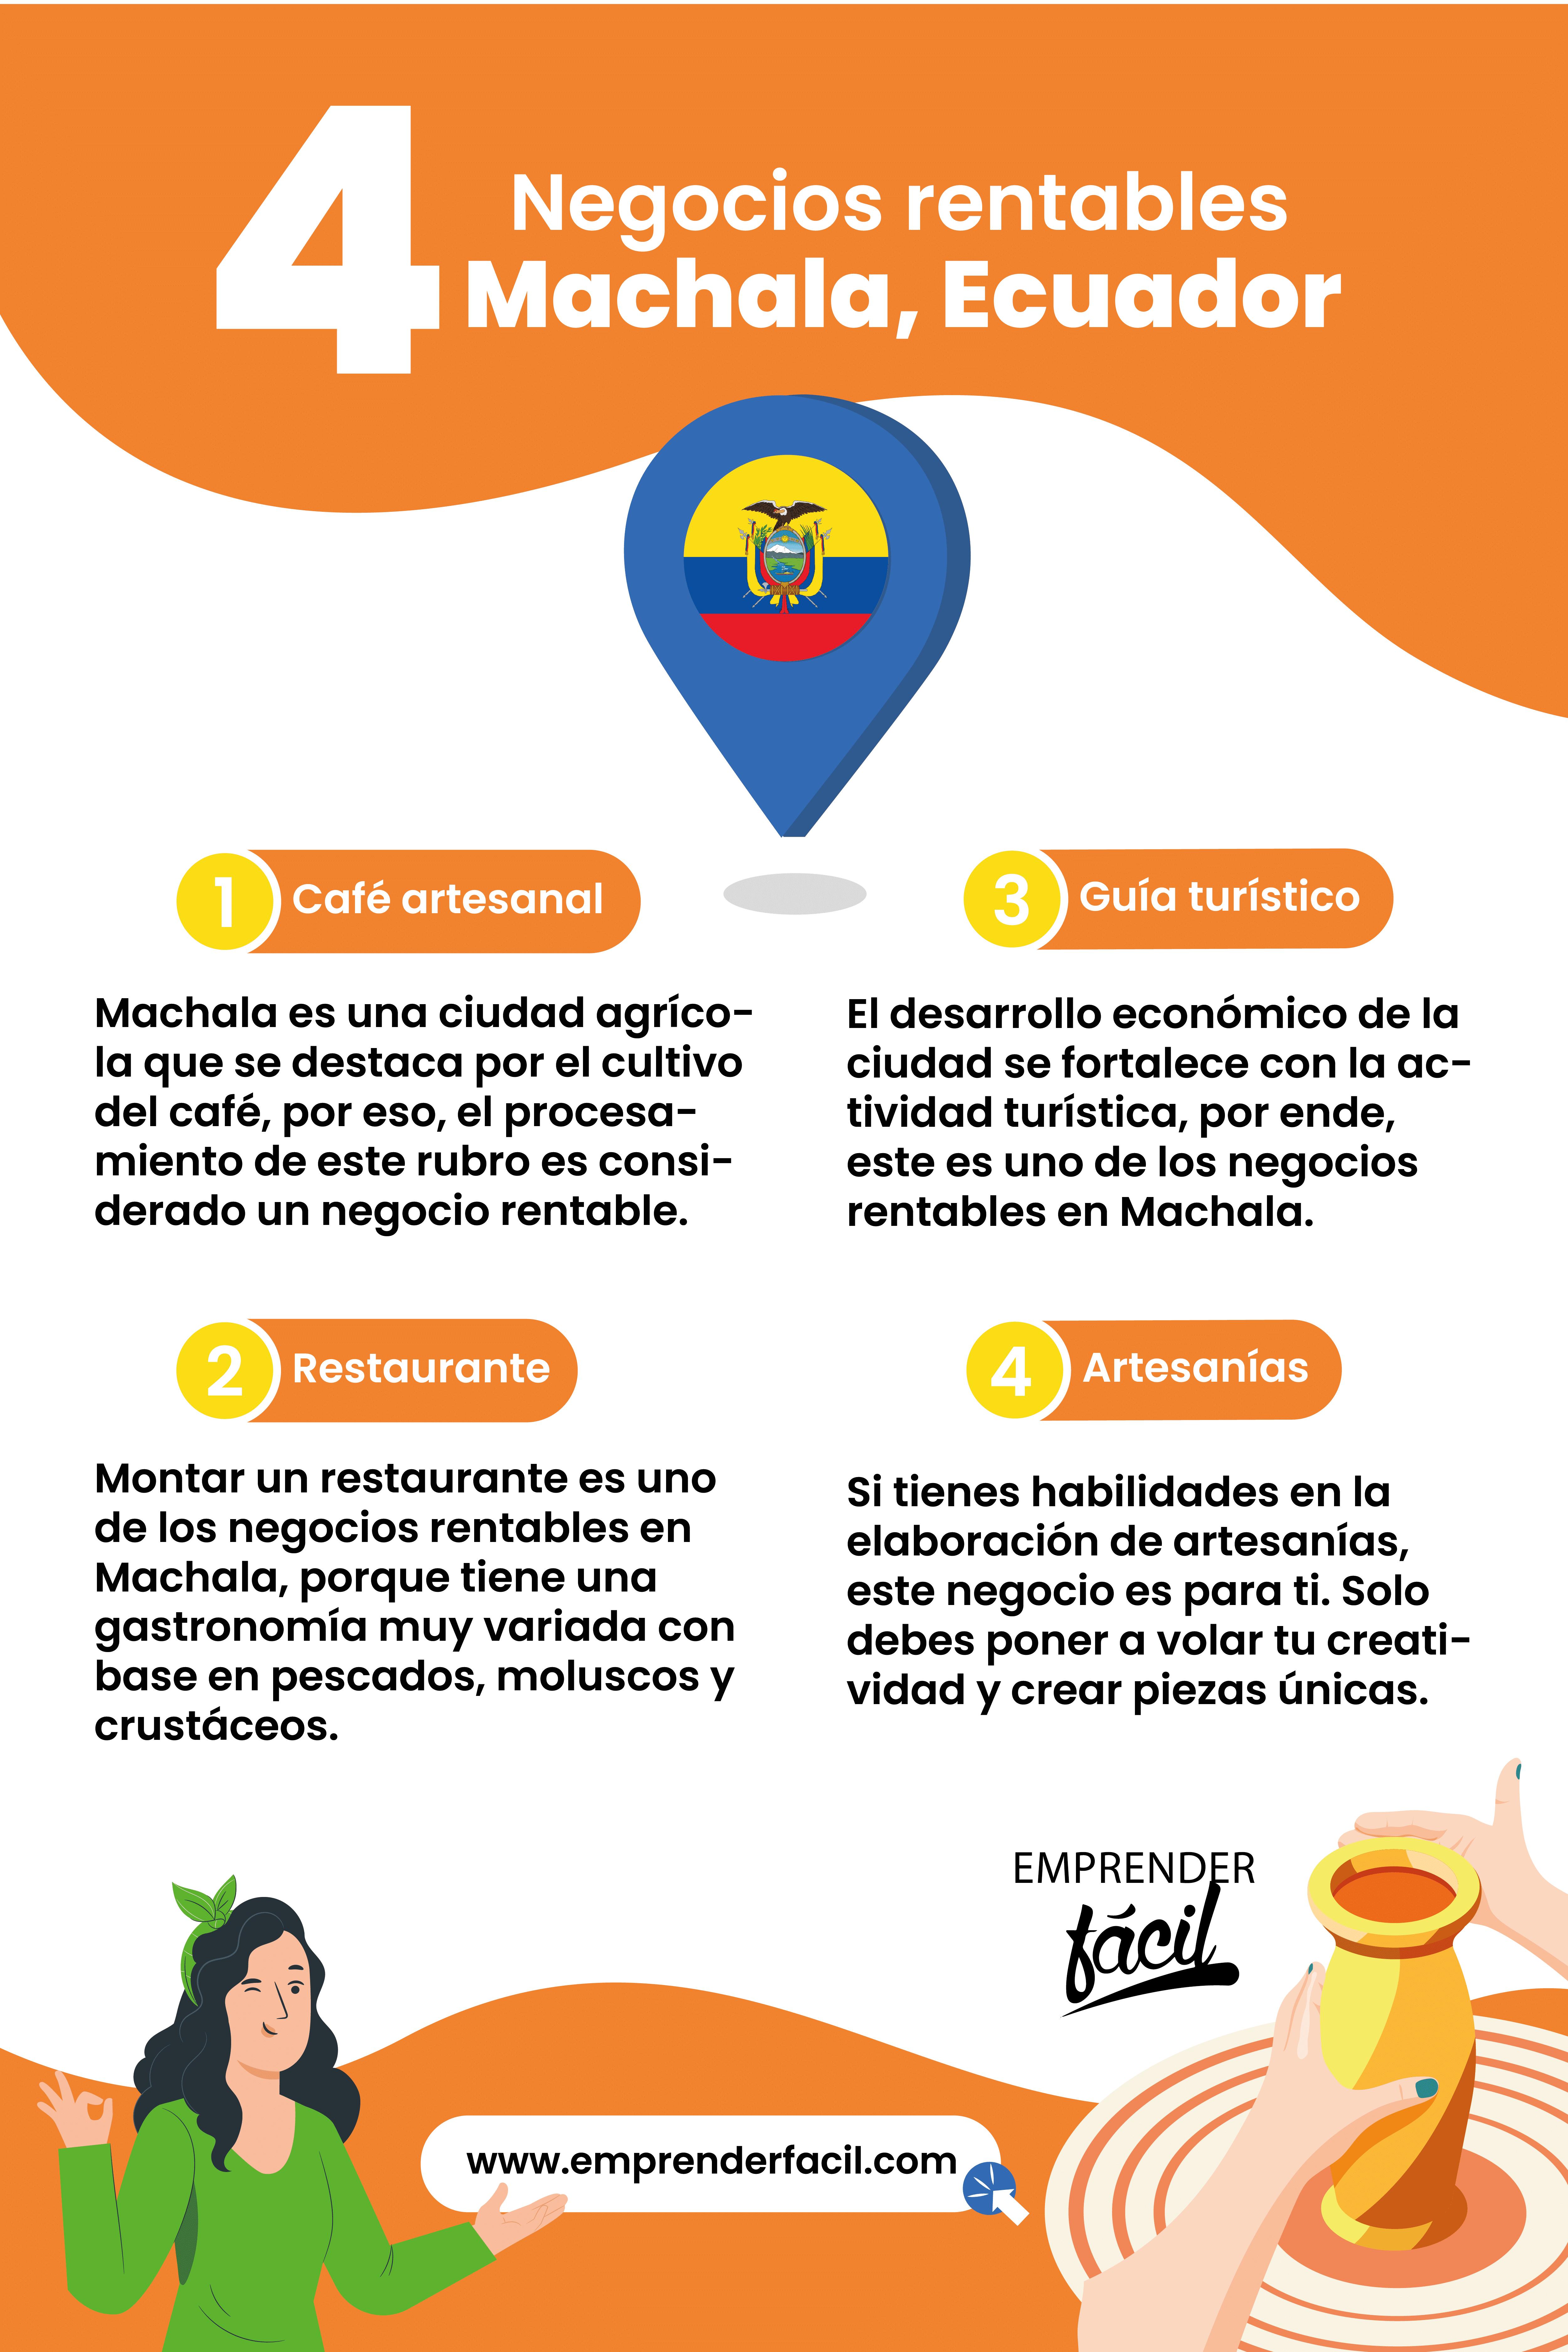 Machala es uno de los centros económicos, financieros y comerciales de Ecuador.